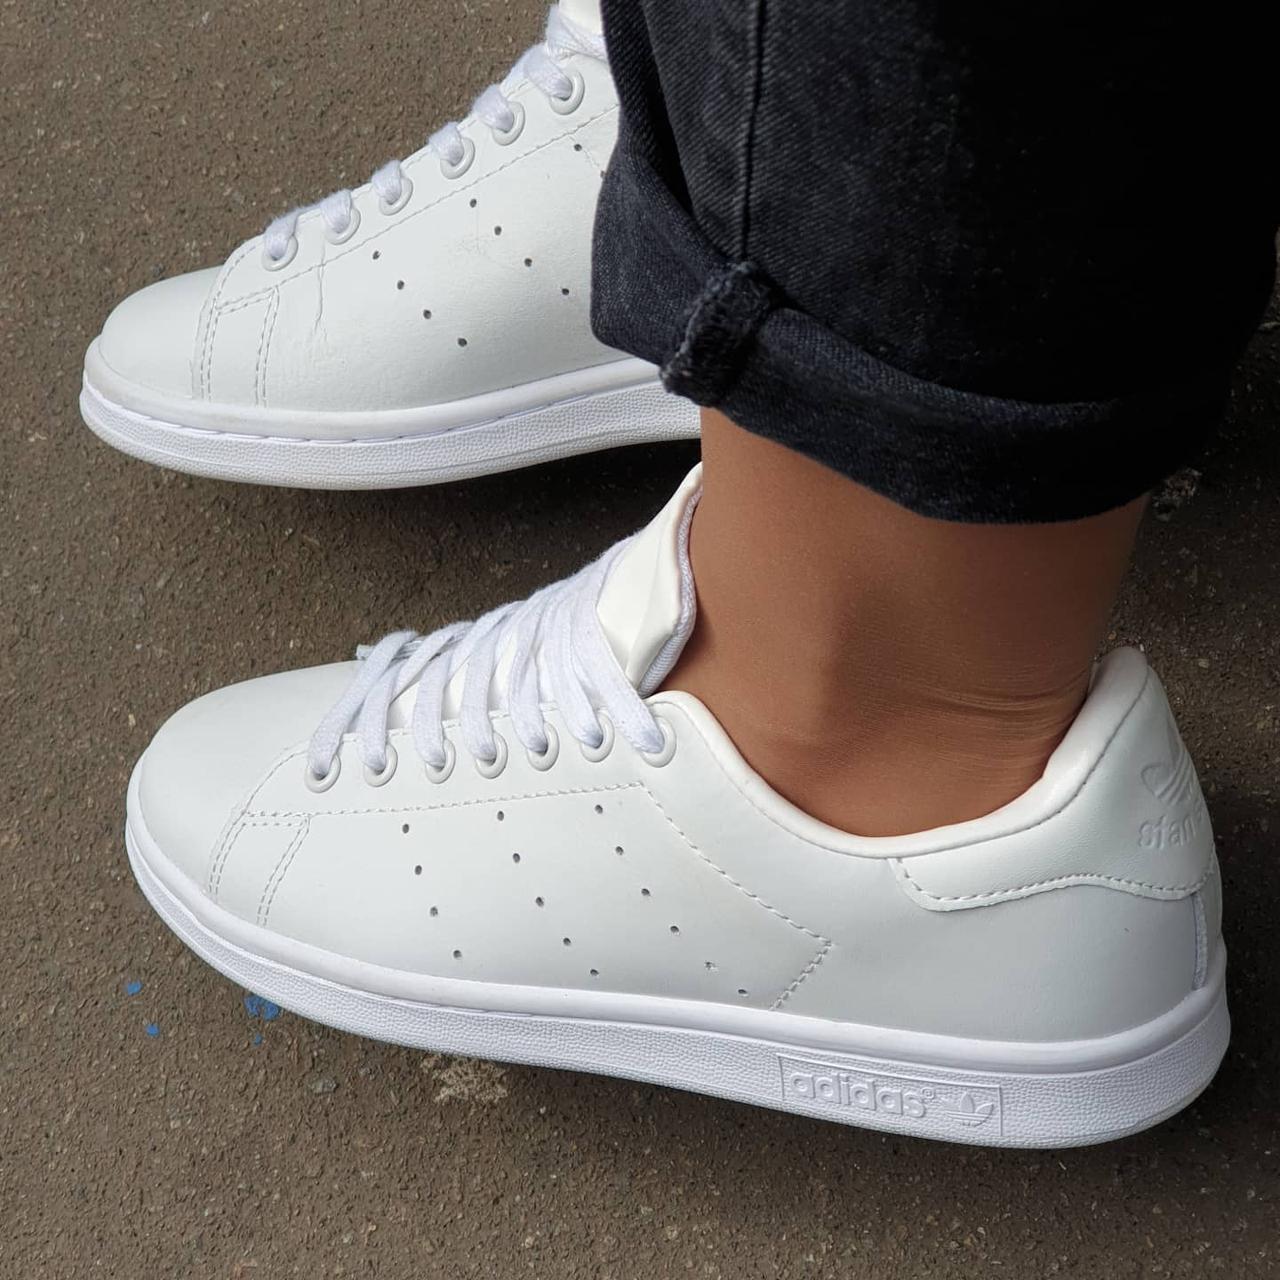 Жіночі кросівки Adidas Stan Smith White білі